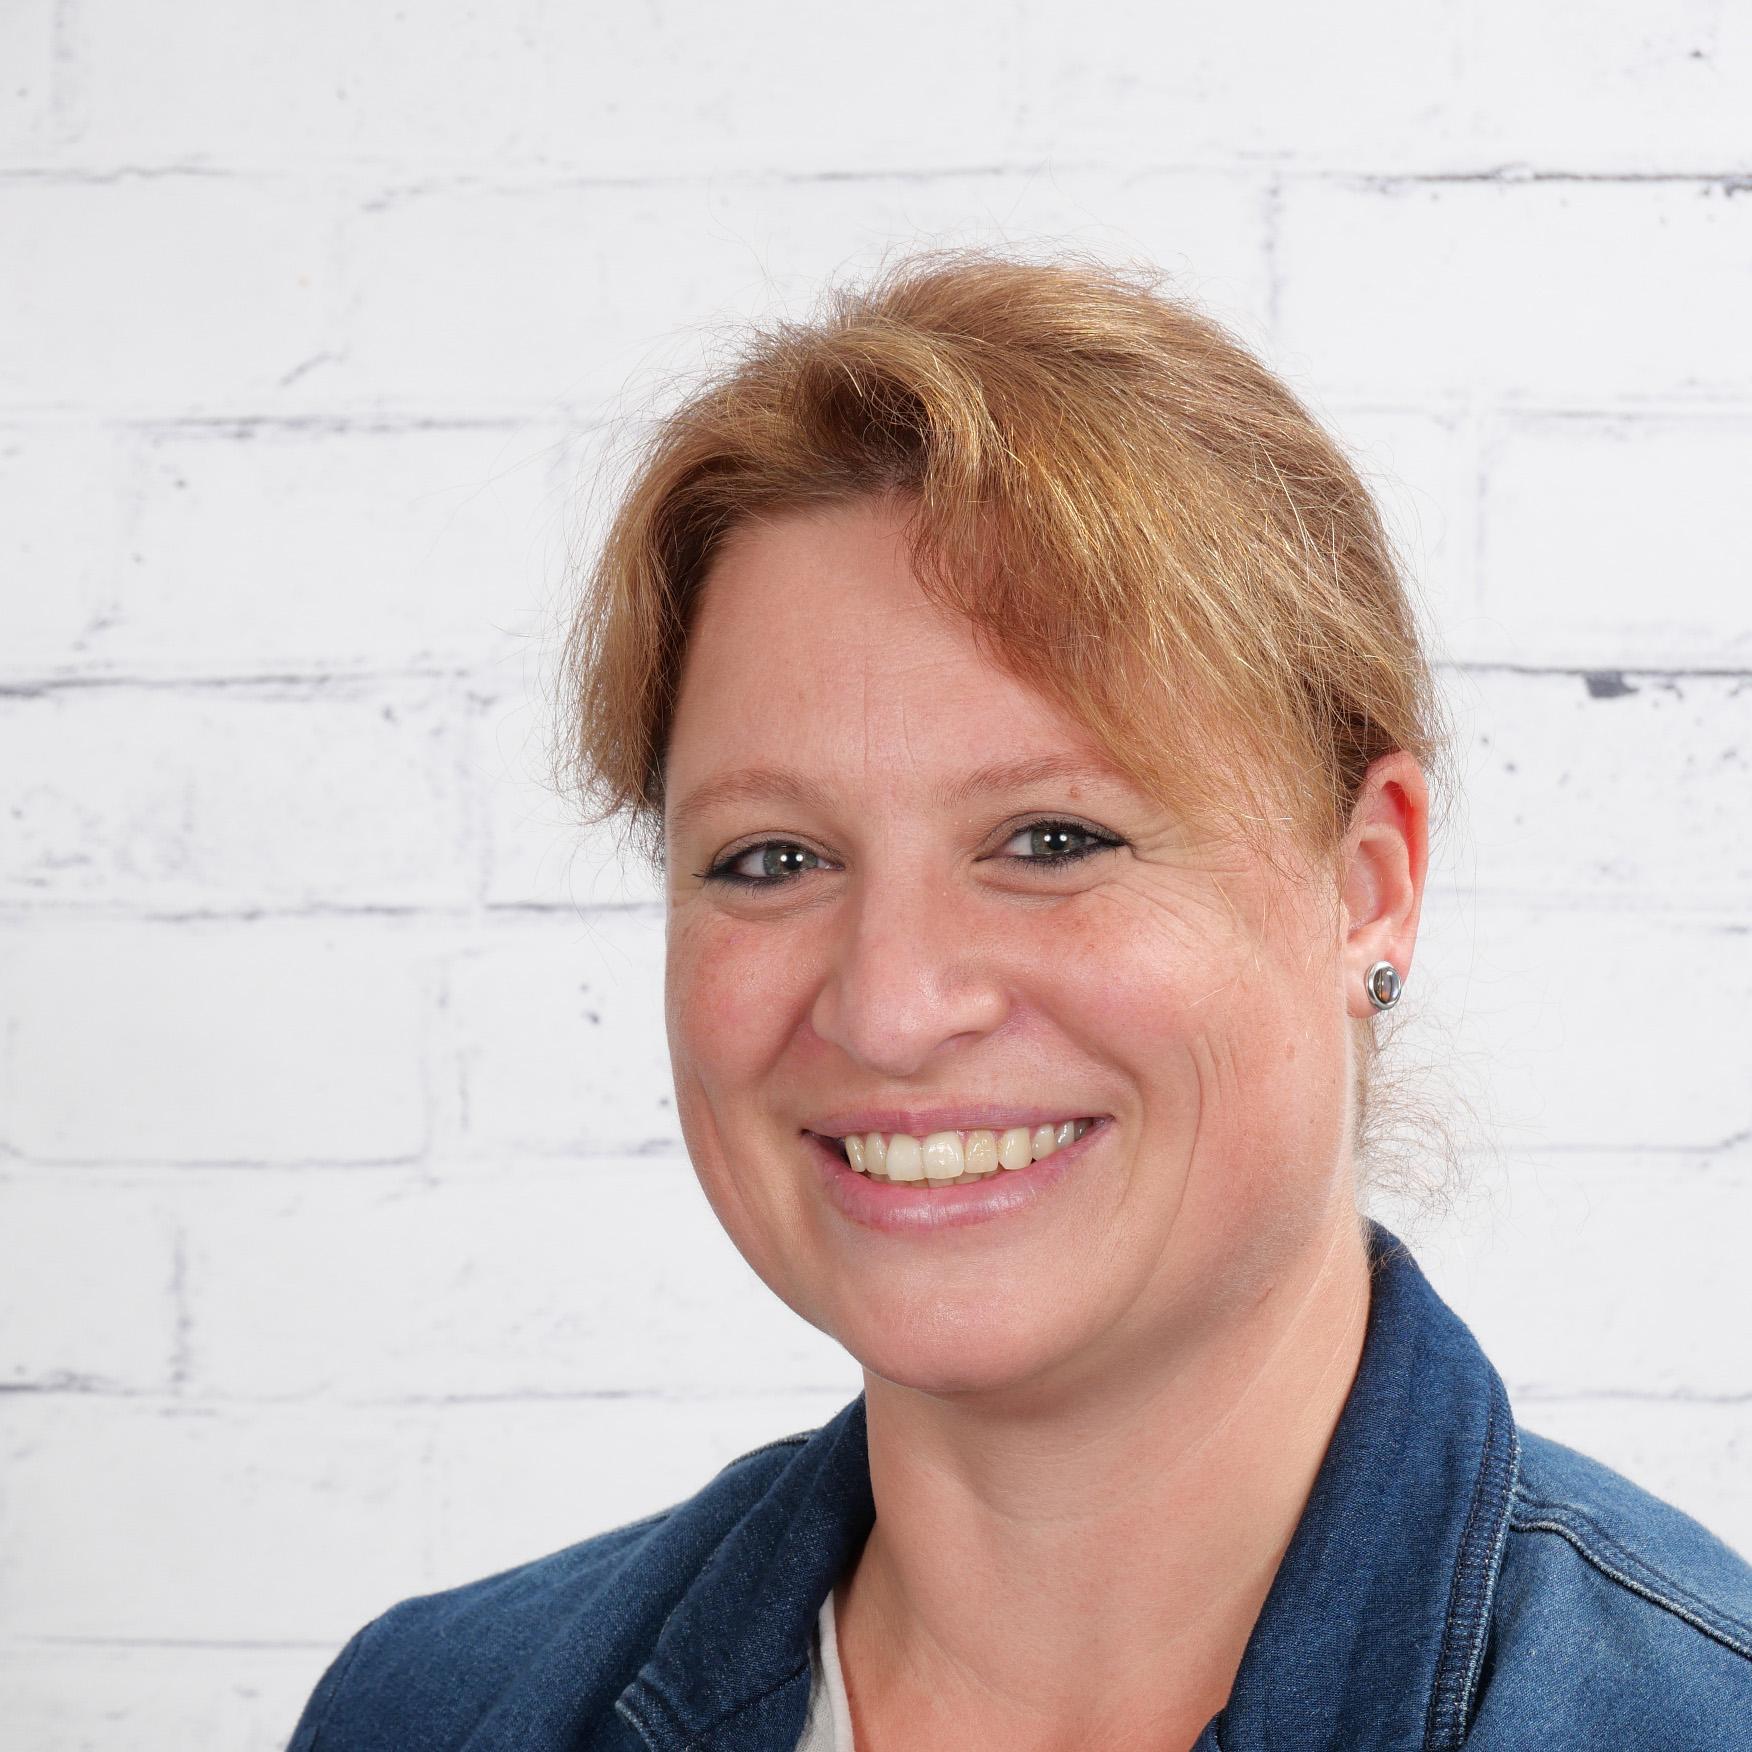 Profilbild von Dr. Yvonne Renner